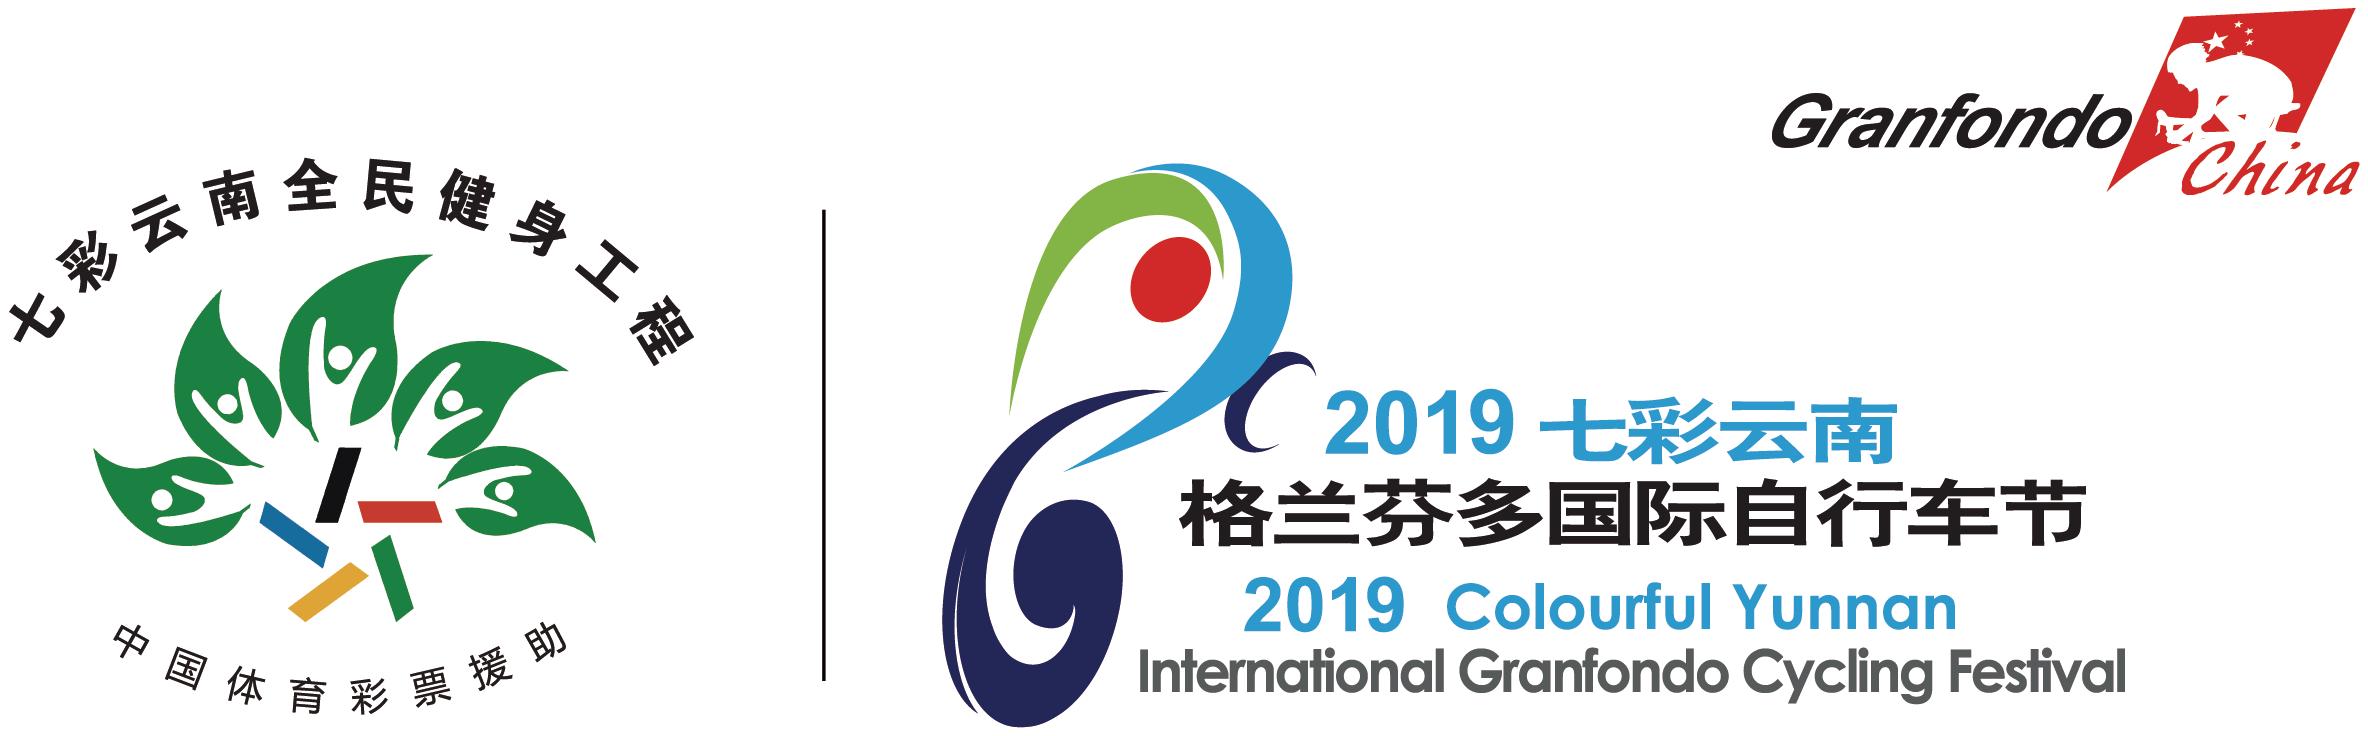 GFY 2019 logo transpa.png